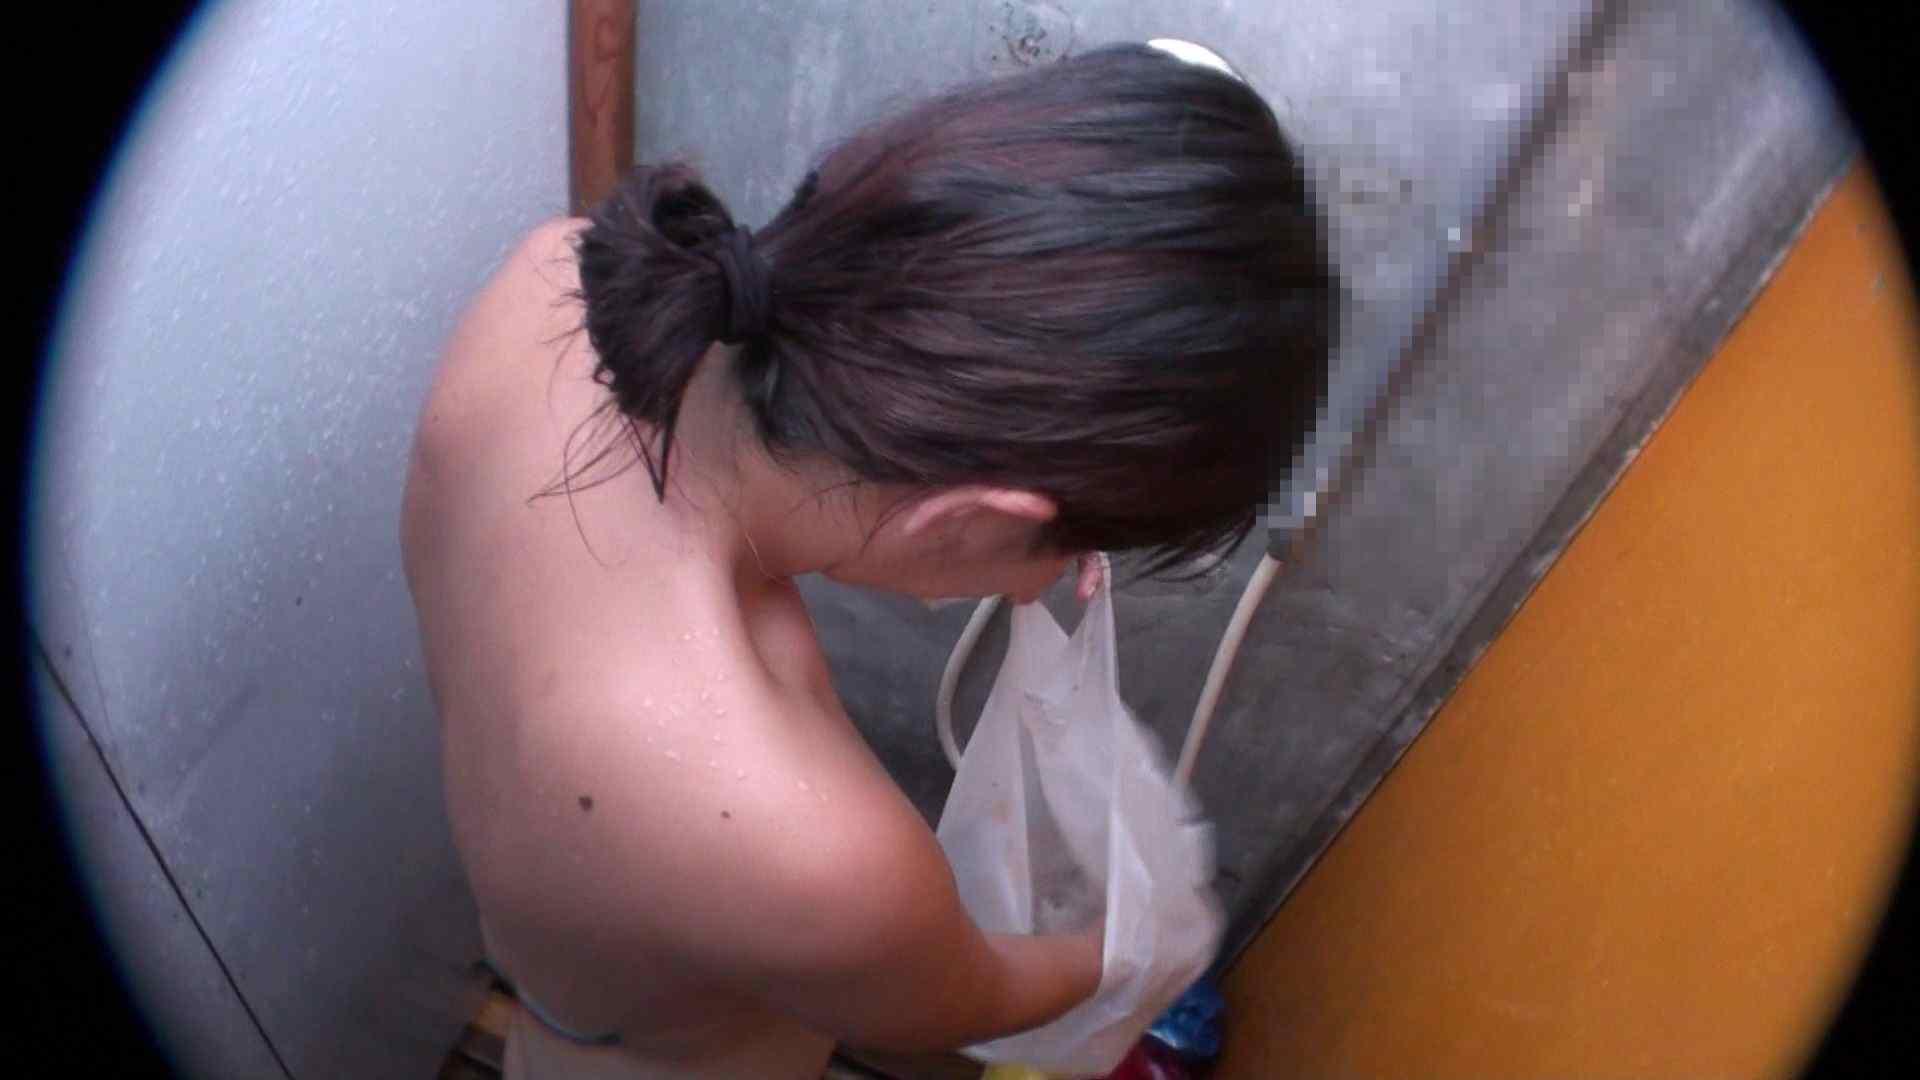 ハイビジョンシャワールームは超!!危険な香りVol.31 清楚なママのパンツはティーバック 脱衣所の着替え  103画像 84